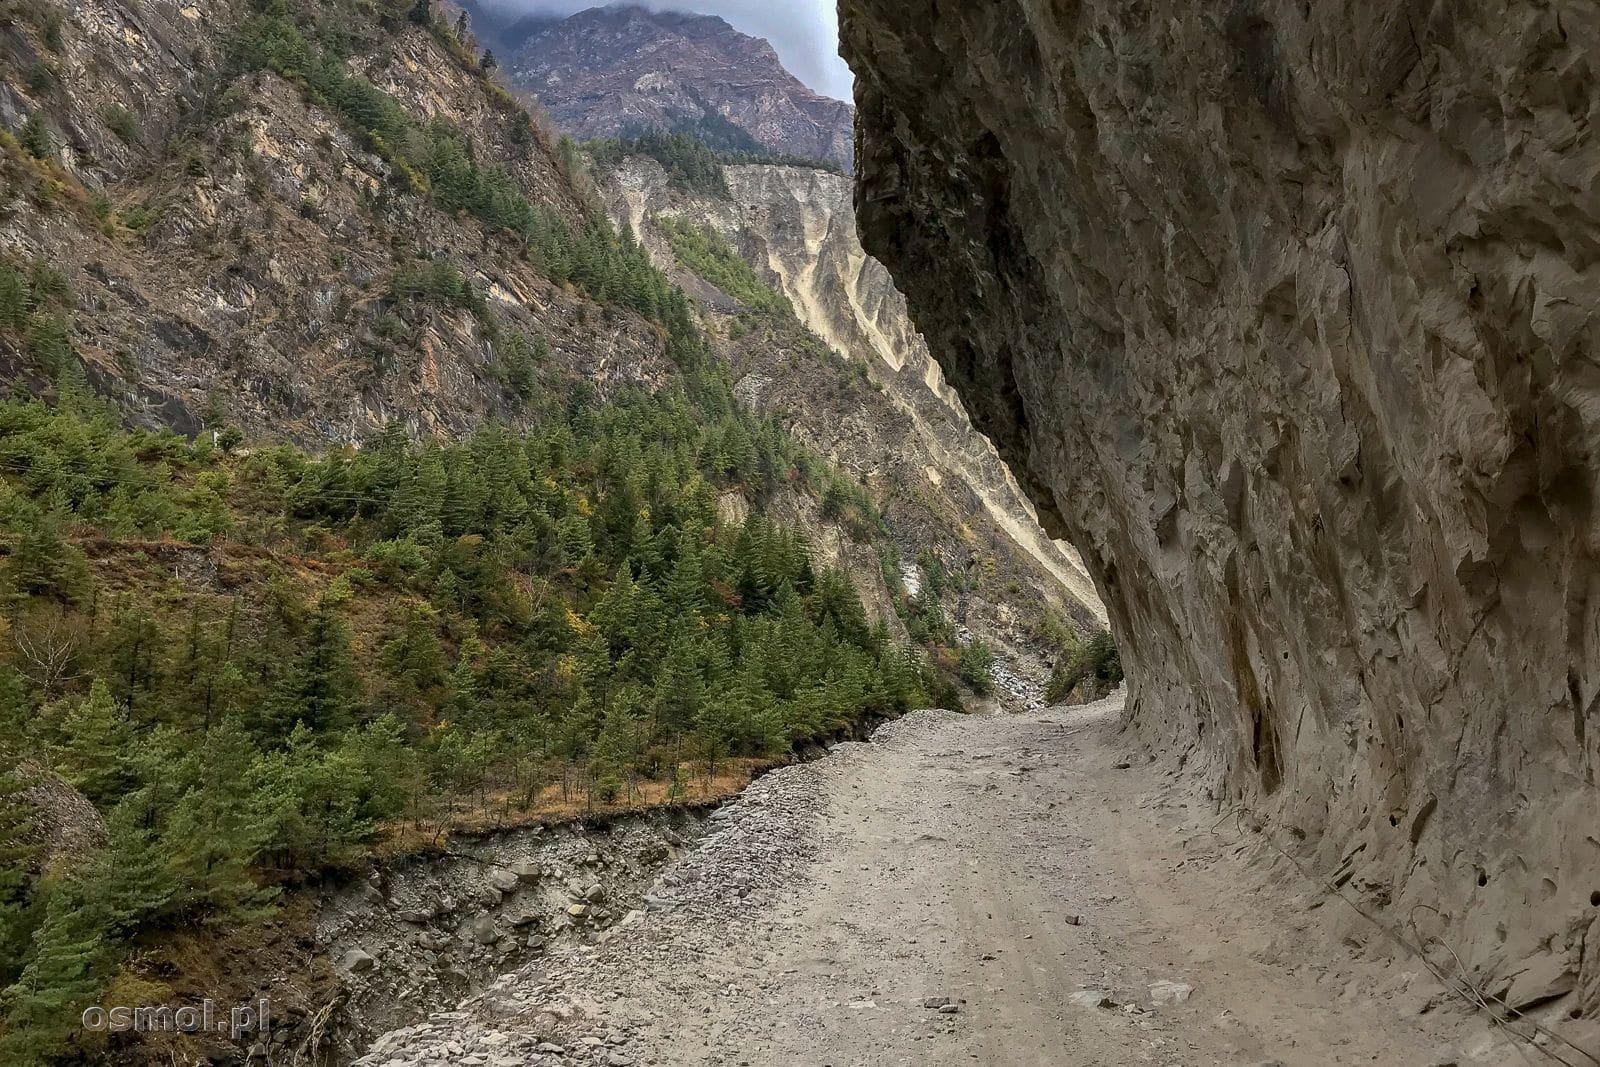 Droga wykuta w skale na szlaku dookoła Annapurny.